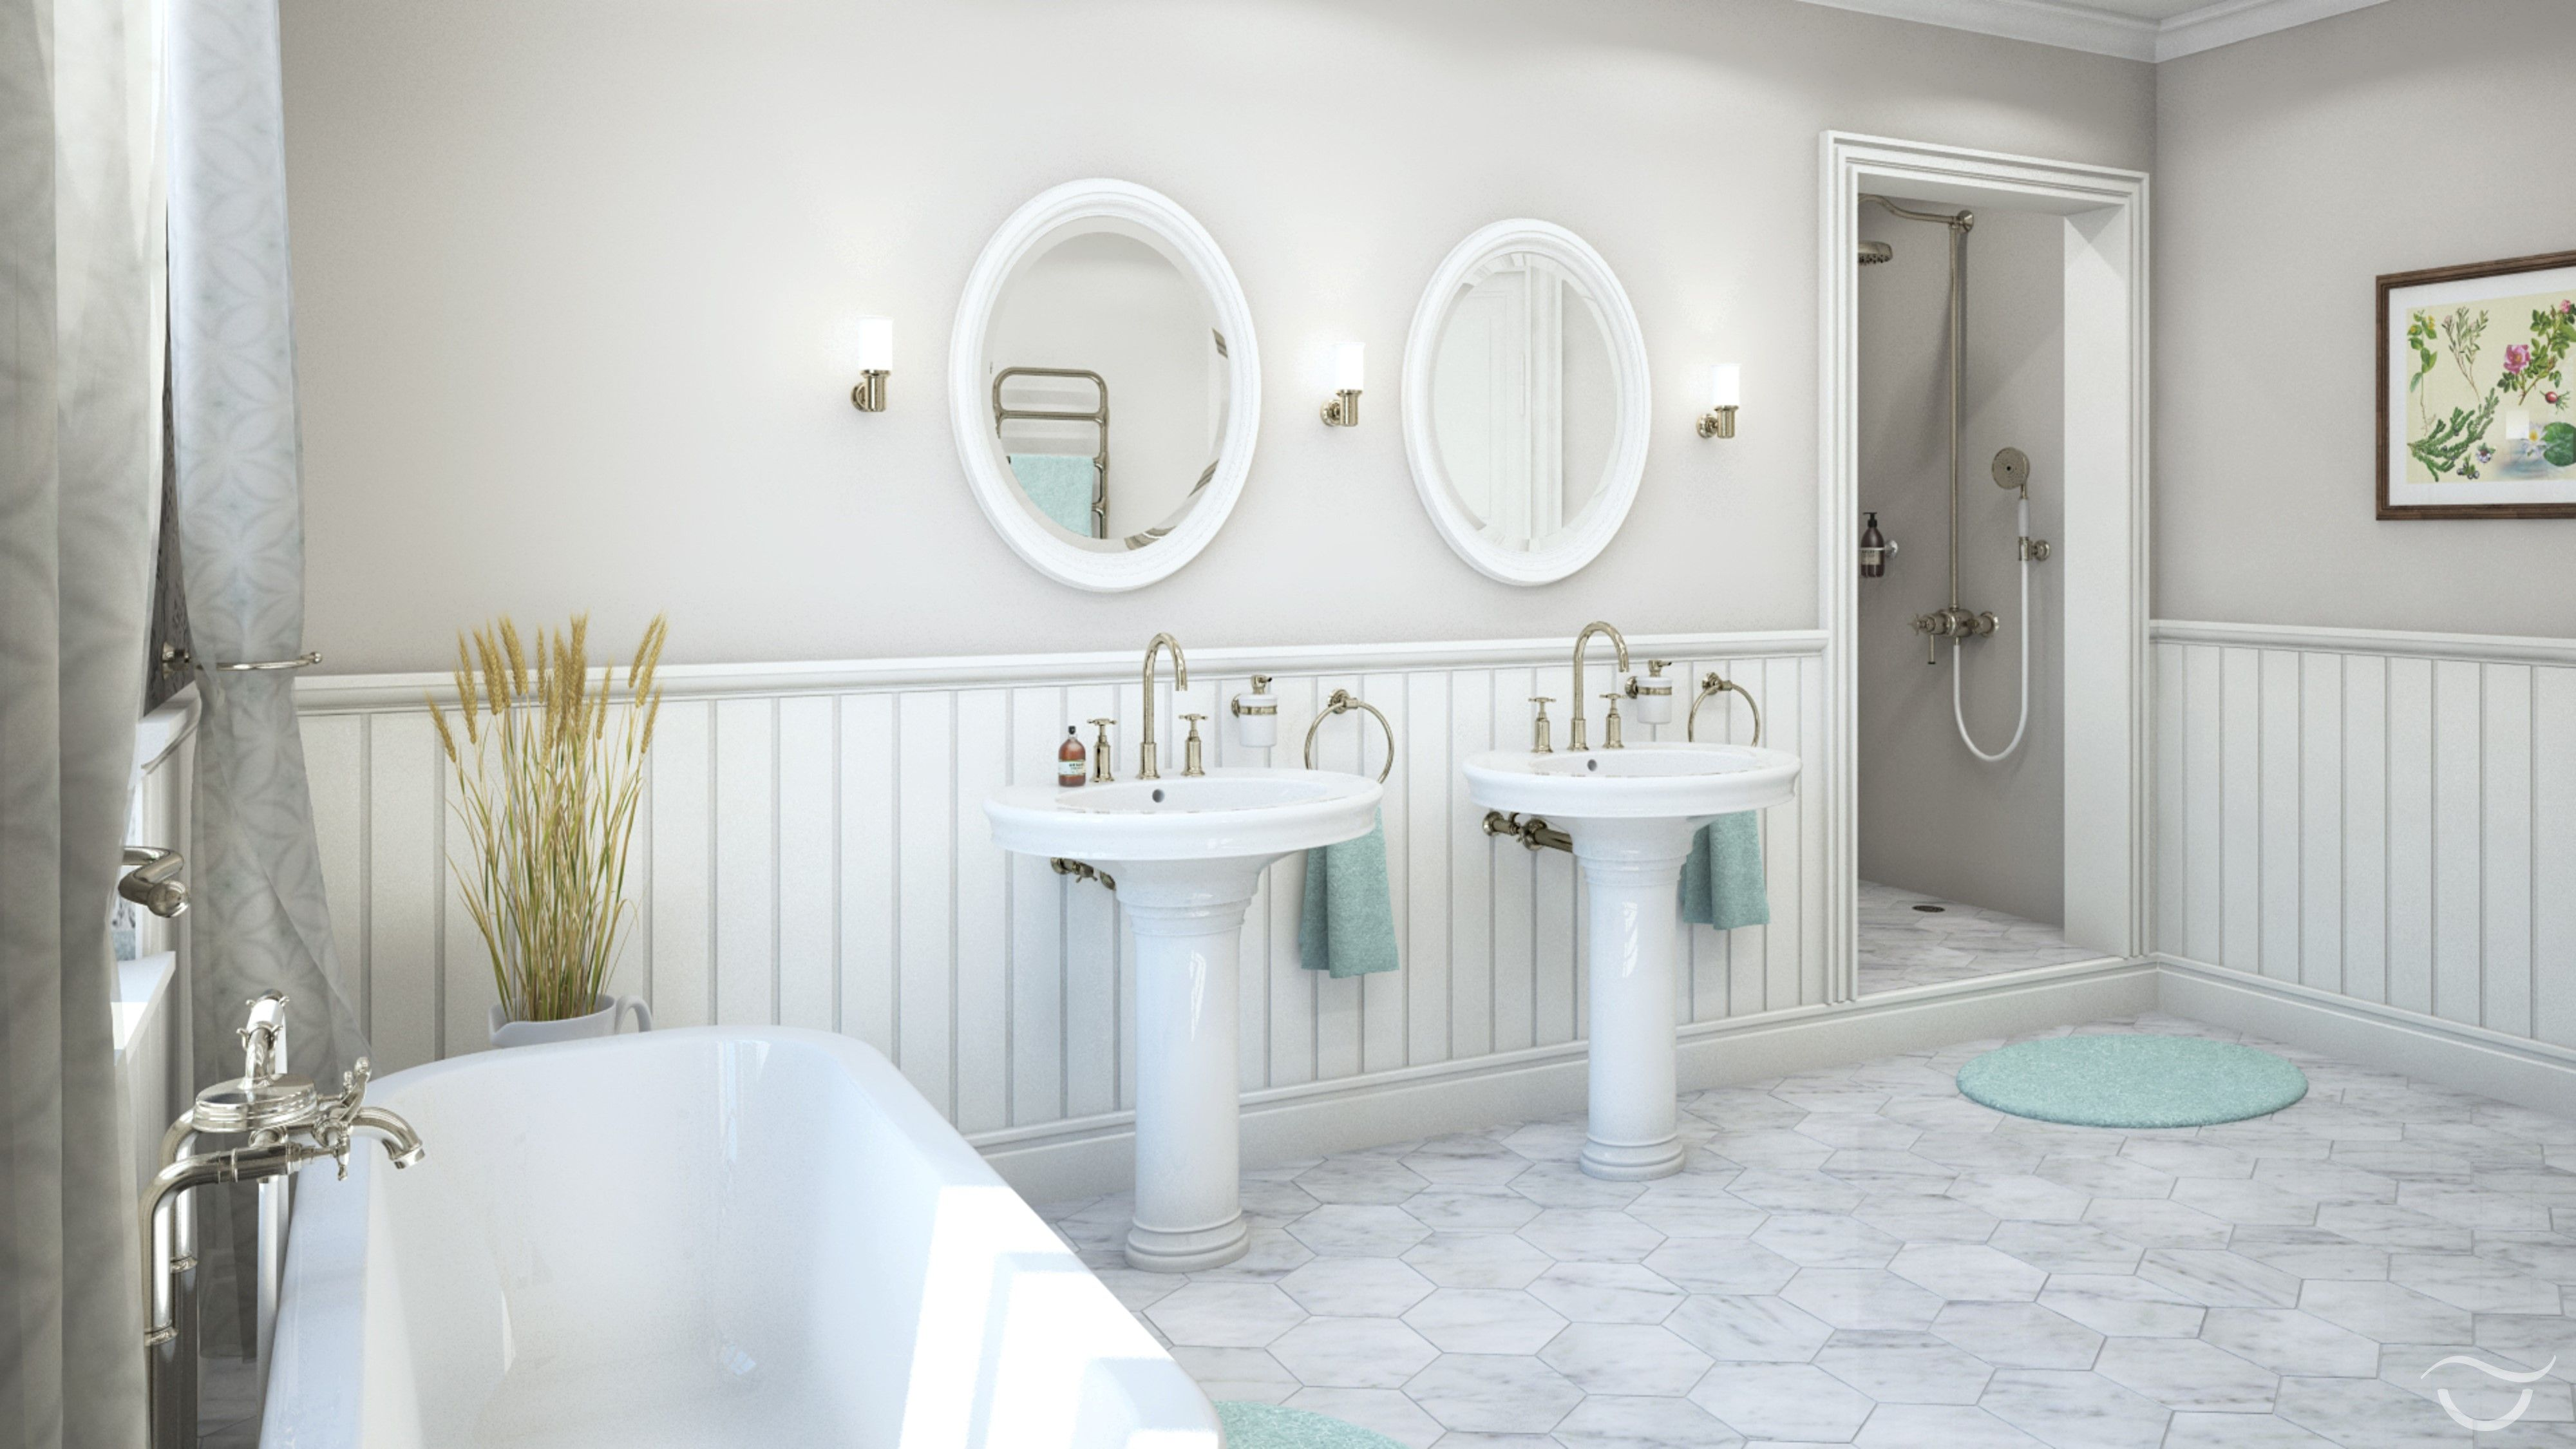 Haus badezimmer design die standwaschbecken verleihen dem landhausbadezimmer seine eigene